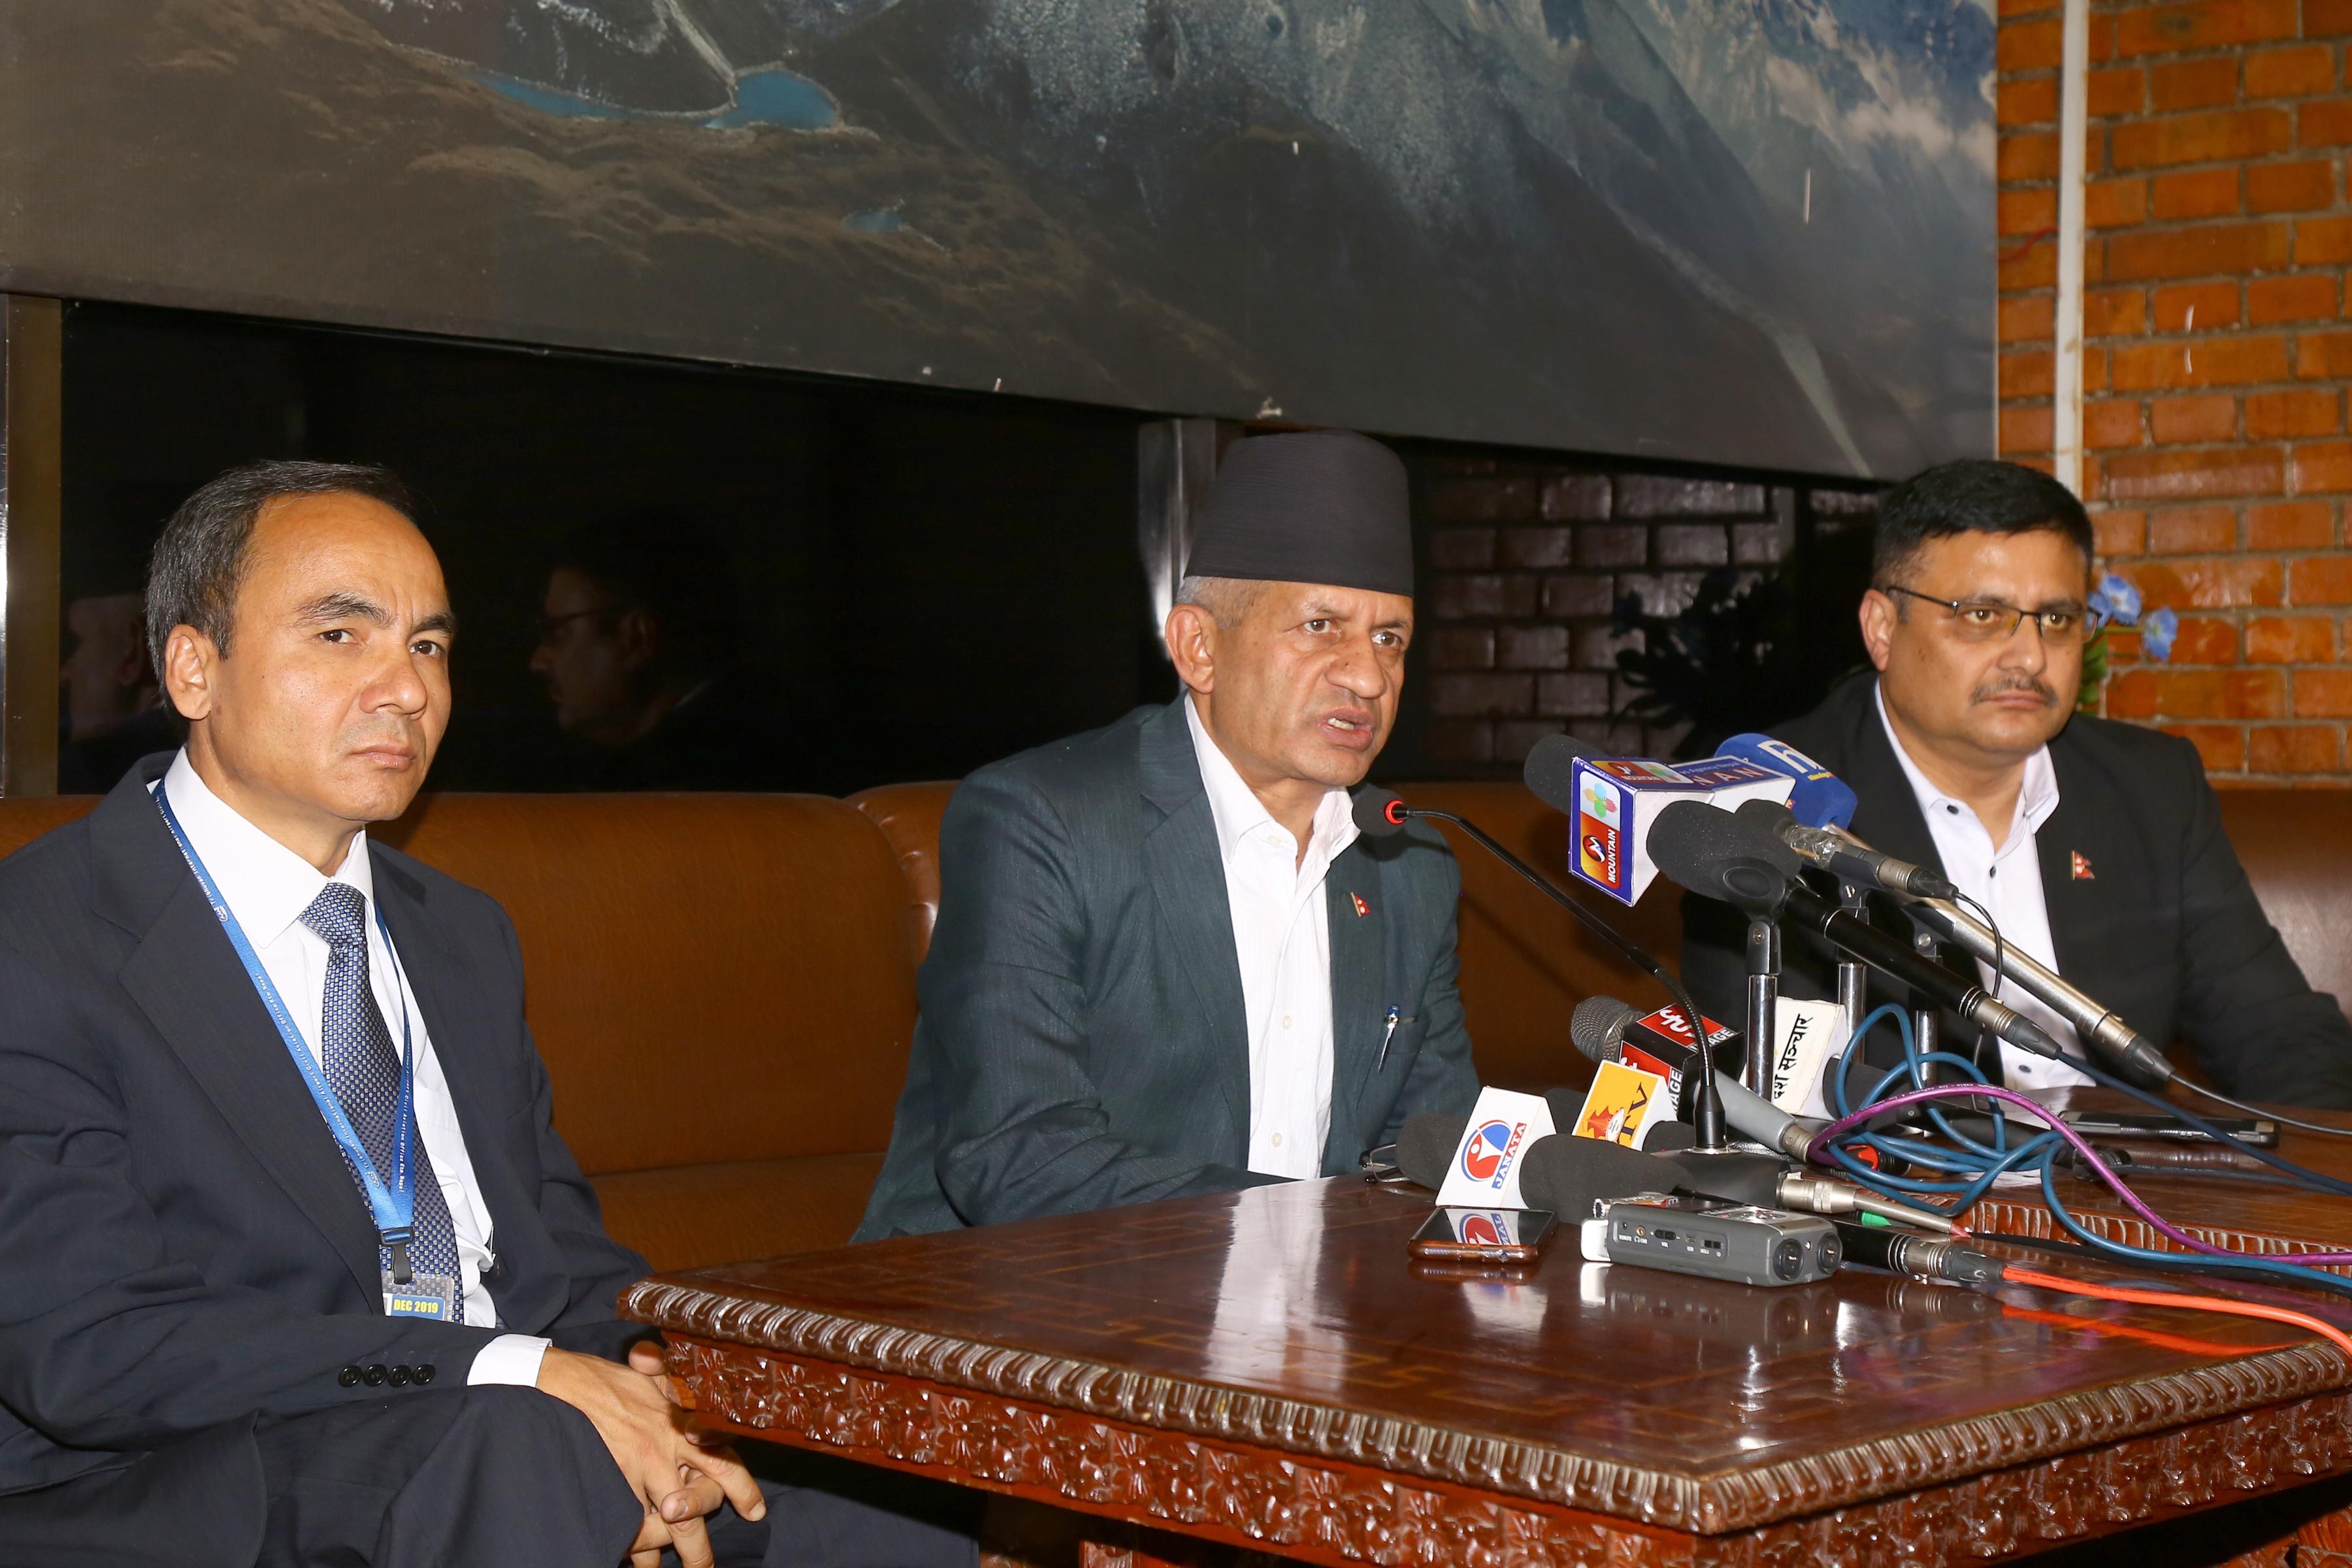 नेपाल विदेशीको दबाब र प्रभावमा छैन - परराष्ट्रमन्त्री